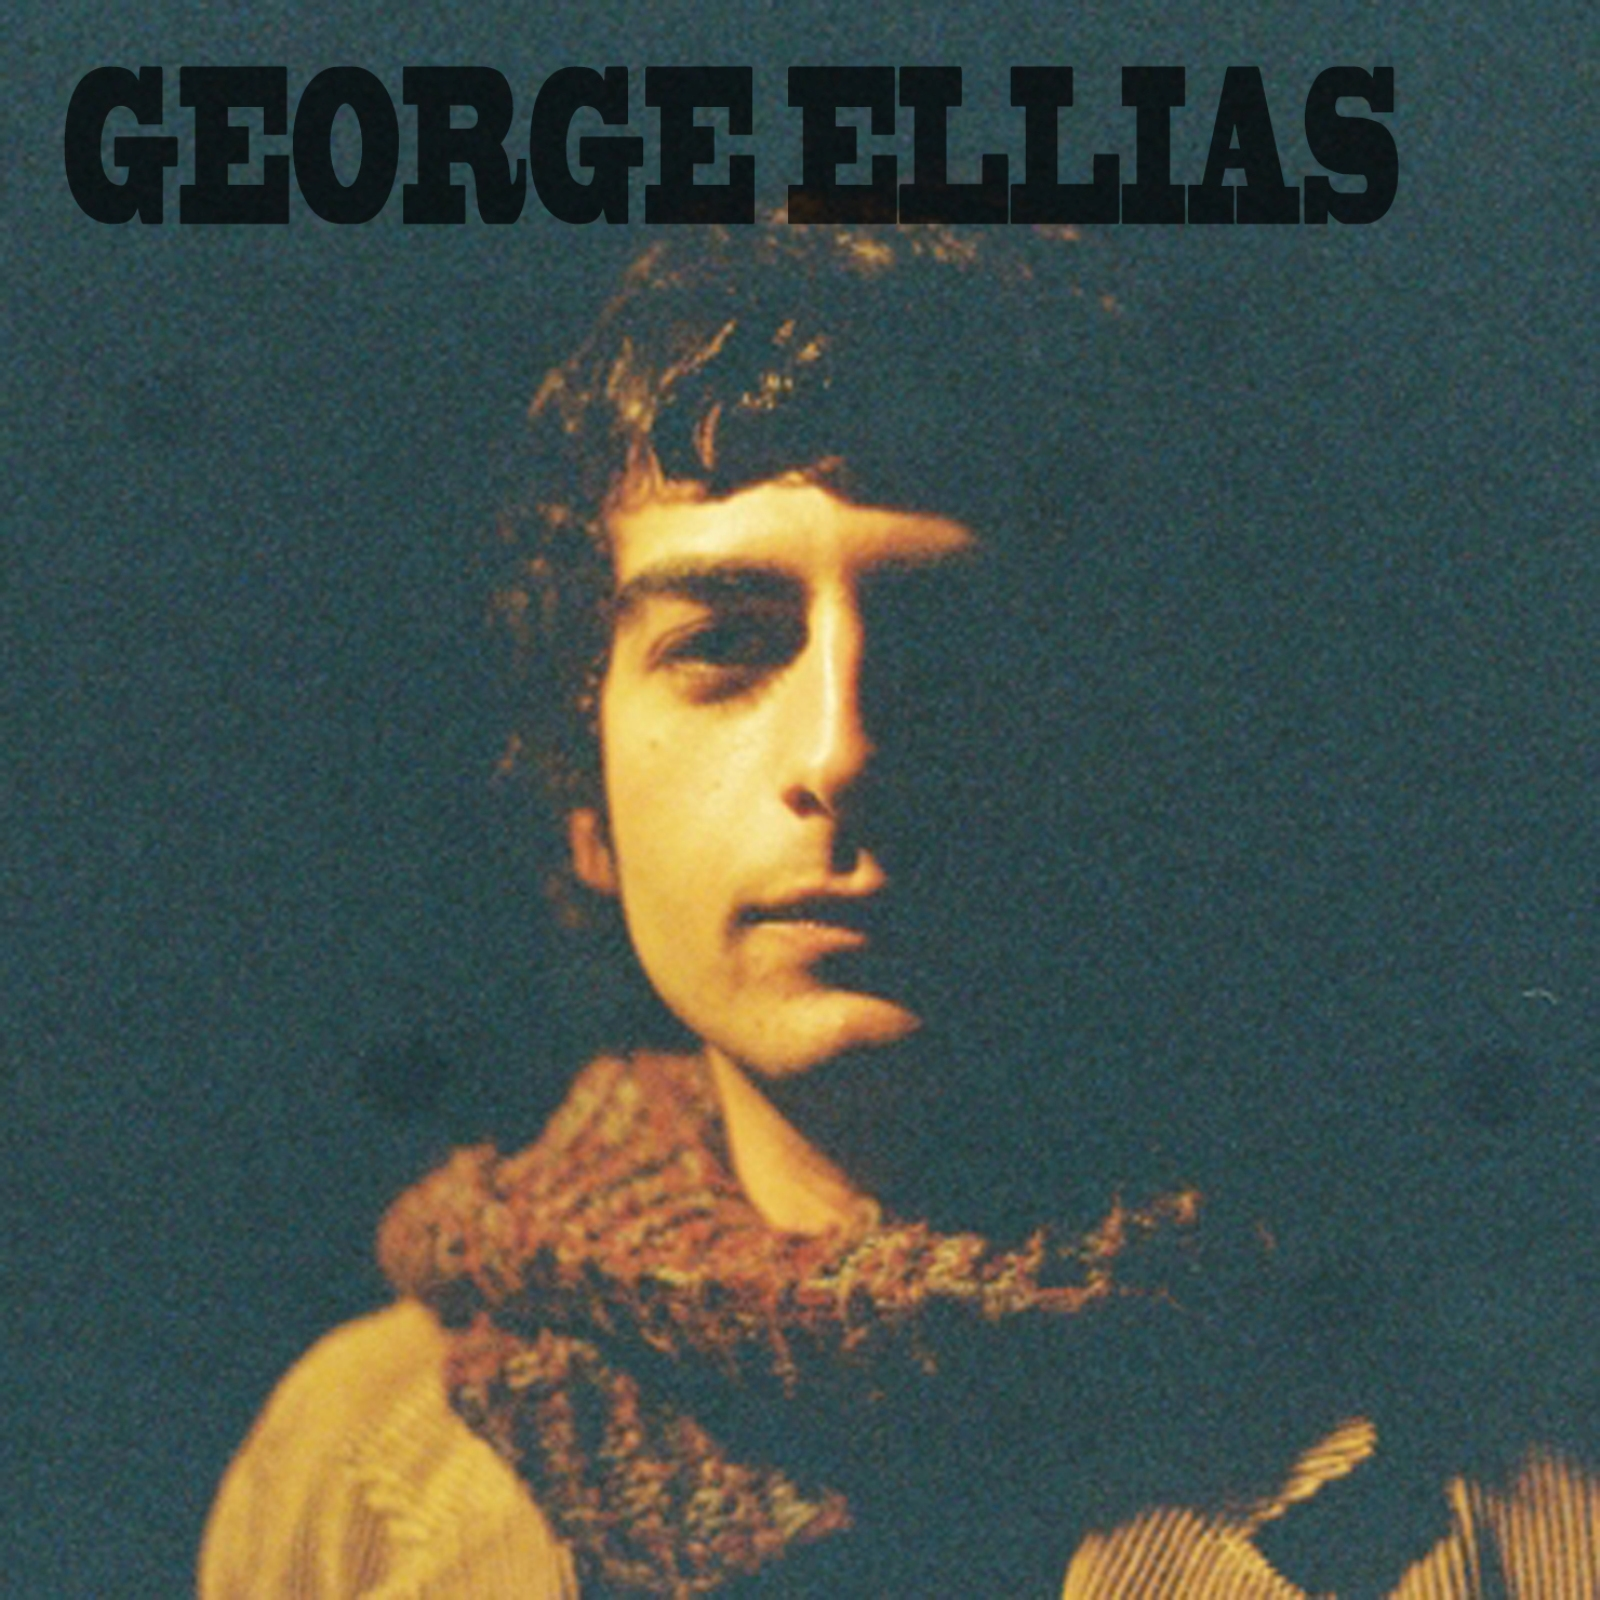 ... Merch | George Ellias - debut CD. | Online Store Powered by Storenvy: georgeelliasmerch.storenvy.com/products/1089901-george-ellias-debut-cd